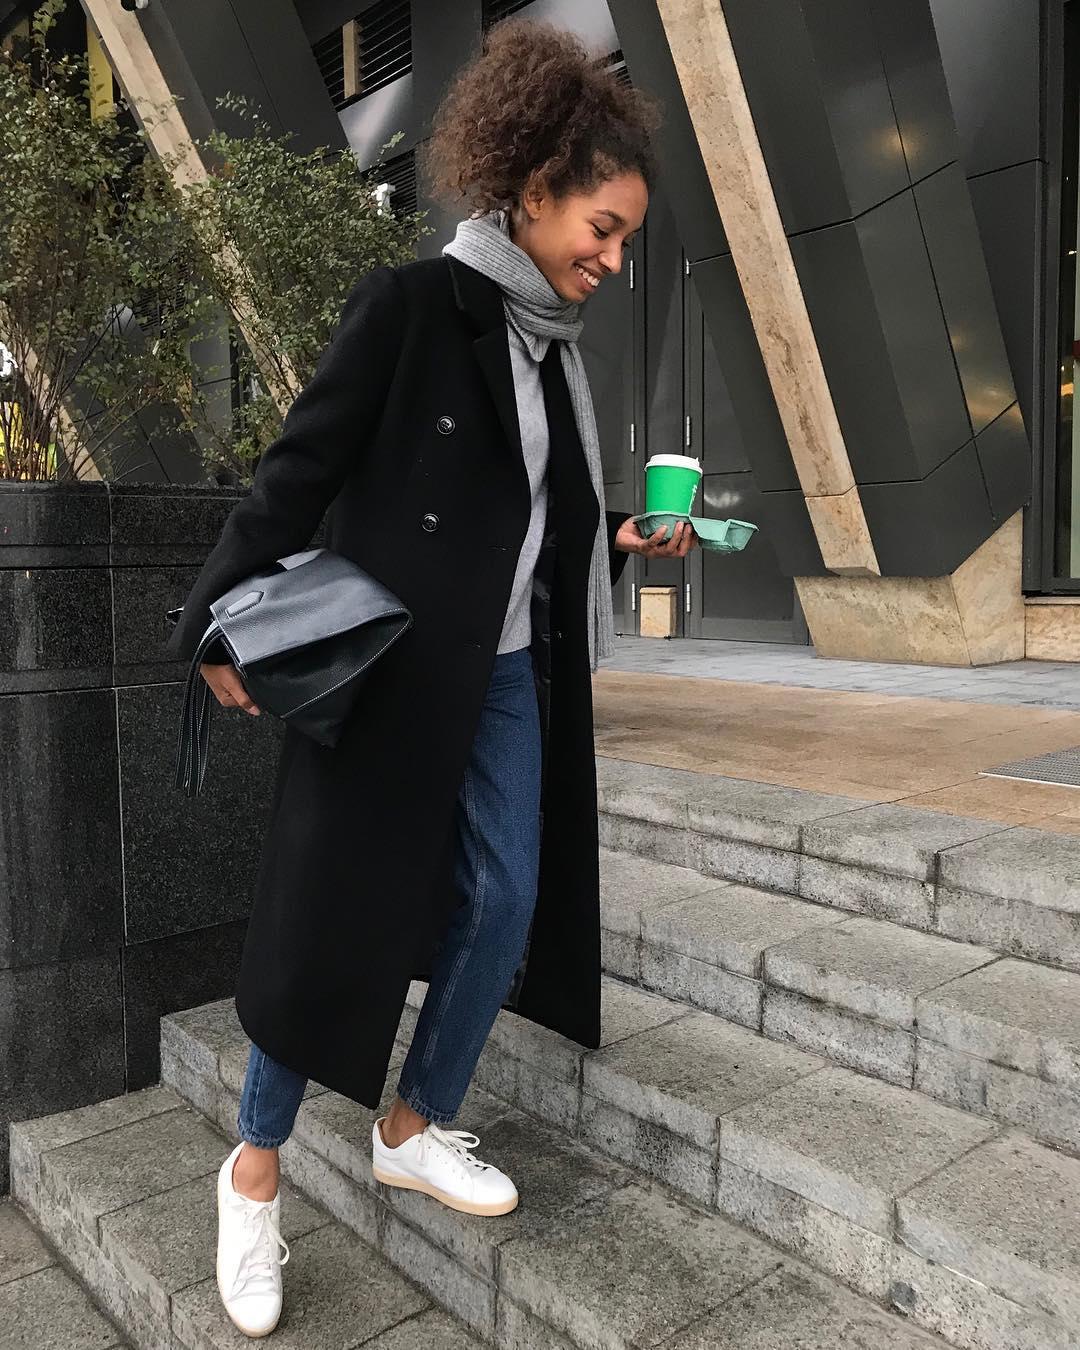 джинсы с кроссовками и кедами фото 17